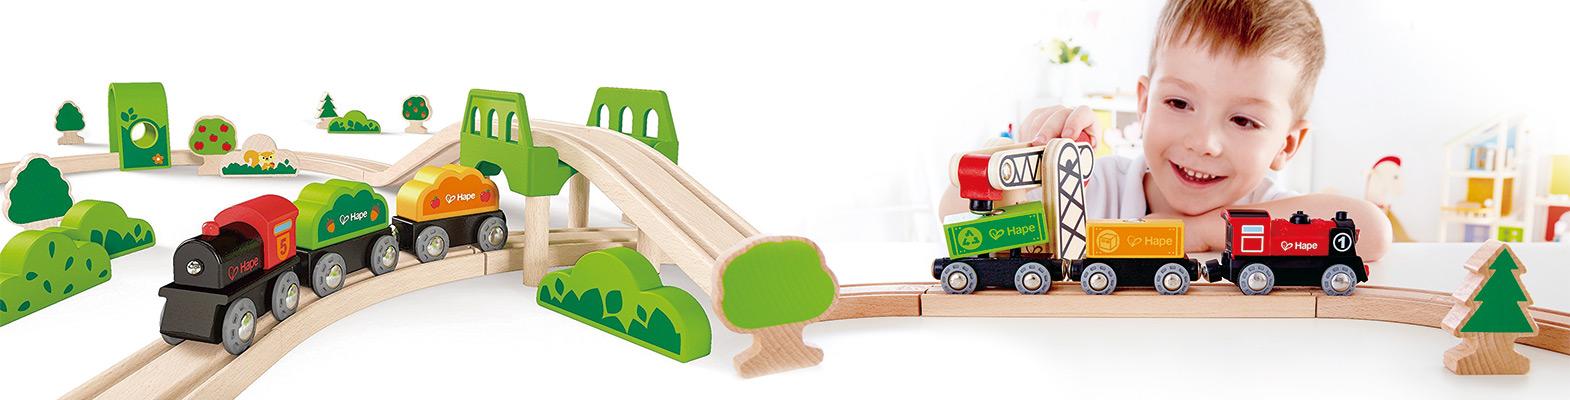 Circuitos y trenes de madera infantiles